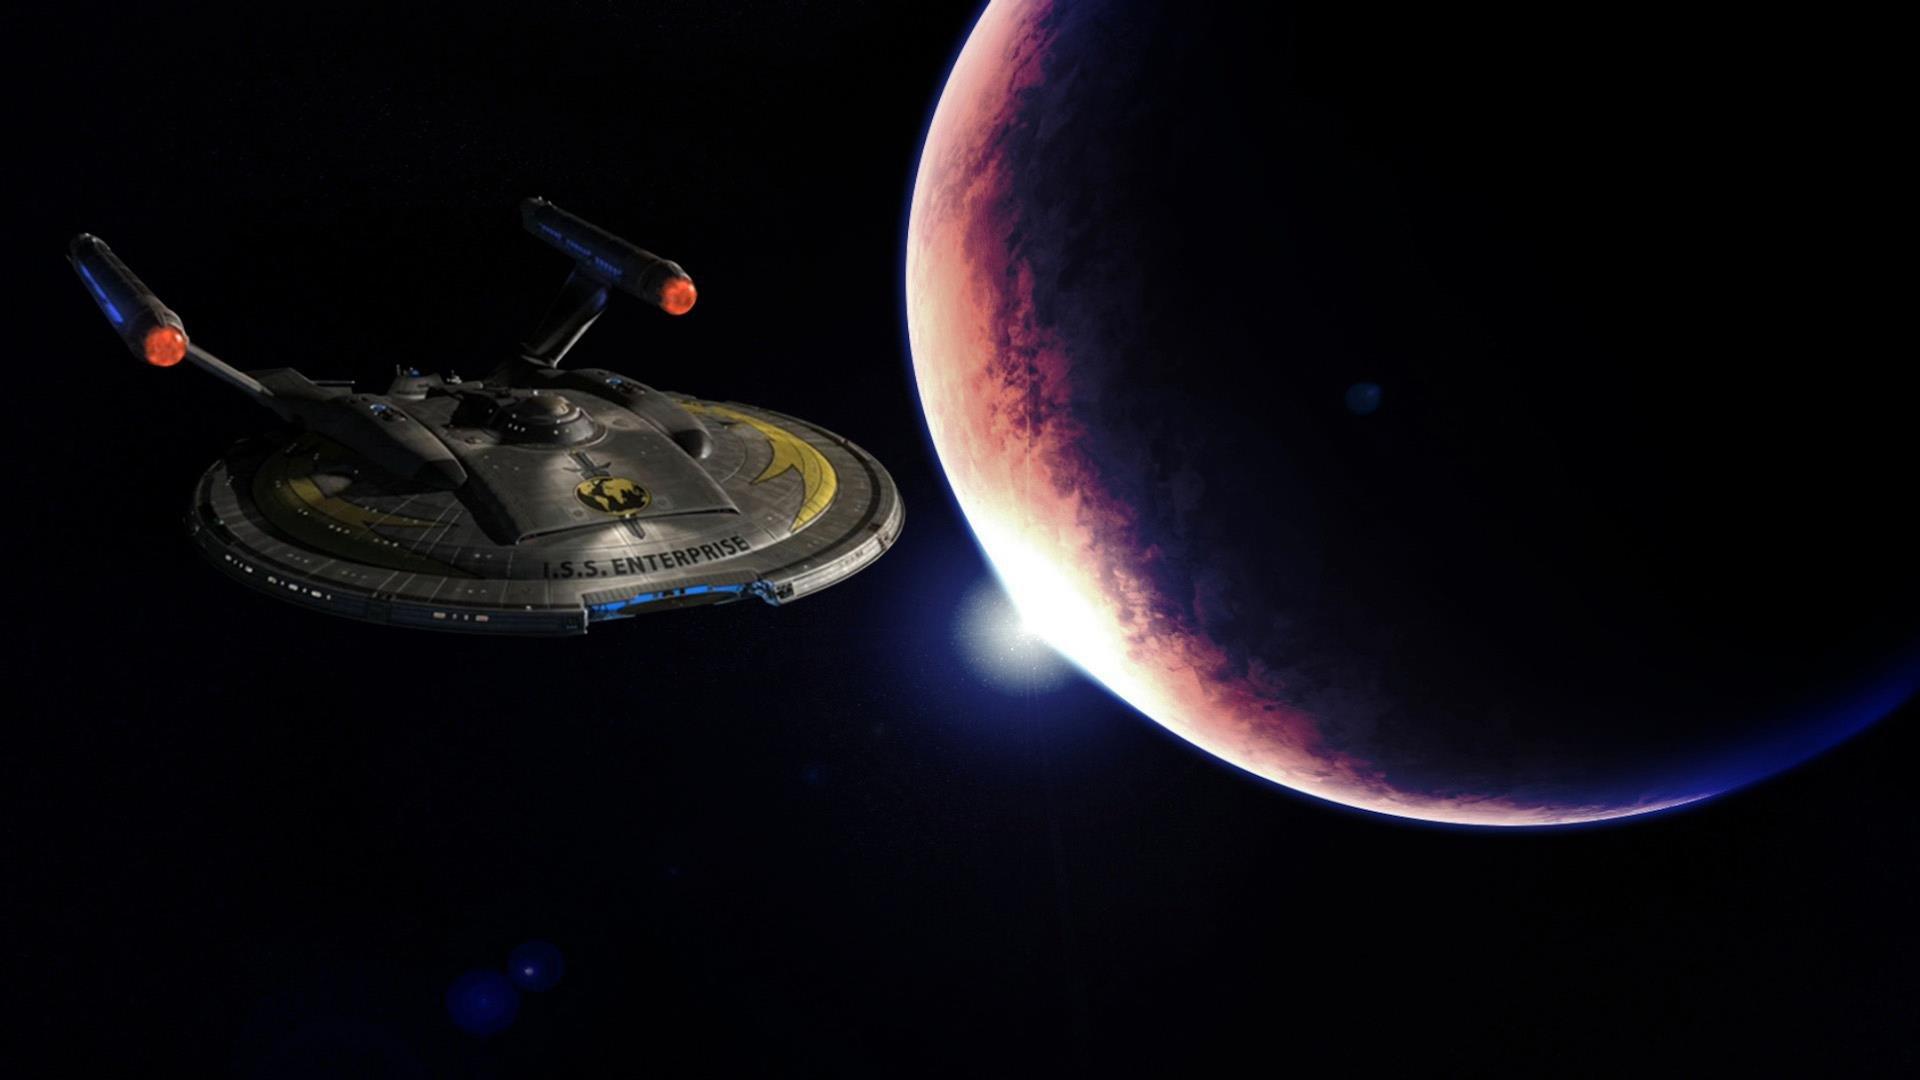 Best Star Trek Enterprise Wallpaper Id31243 For High